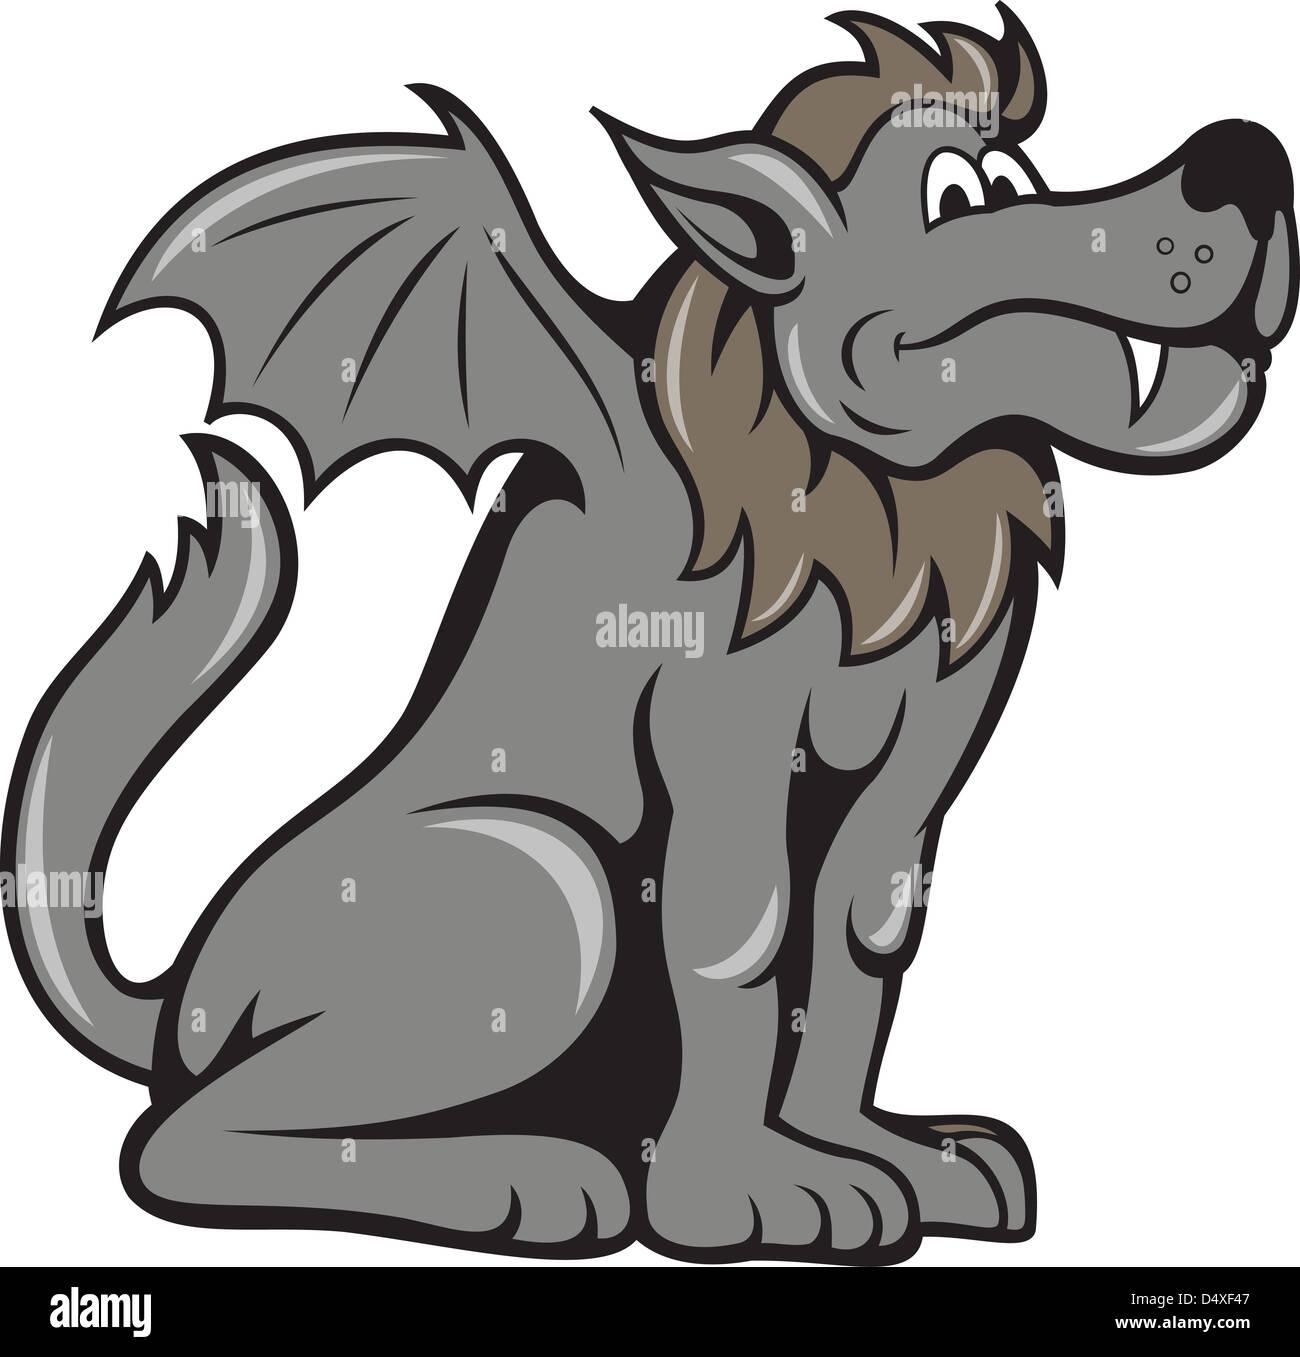 Ilustración De Un Belga Kludde Bestia Mítica Que Es Un Perro Salvaje